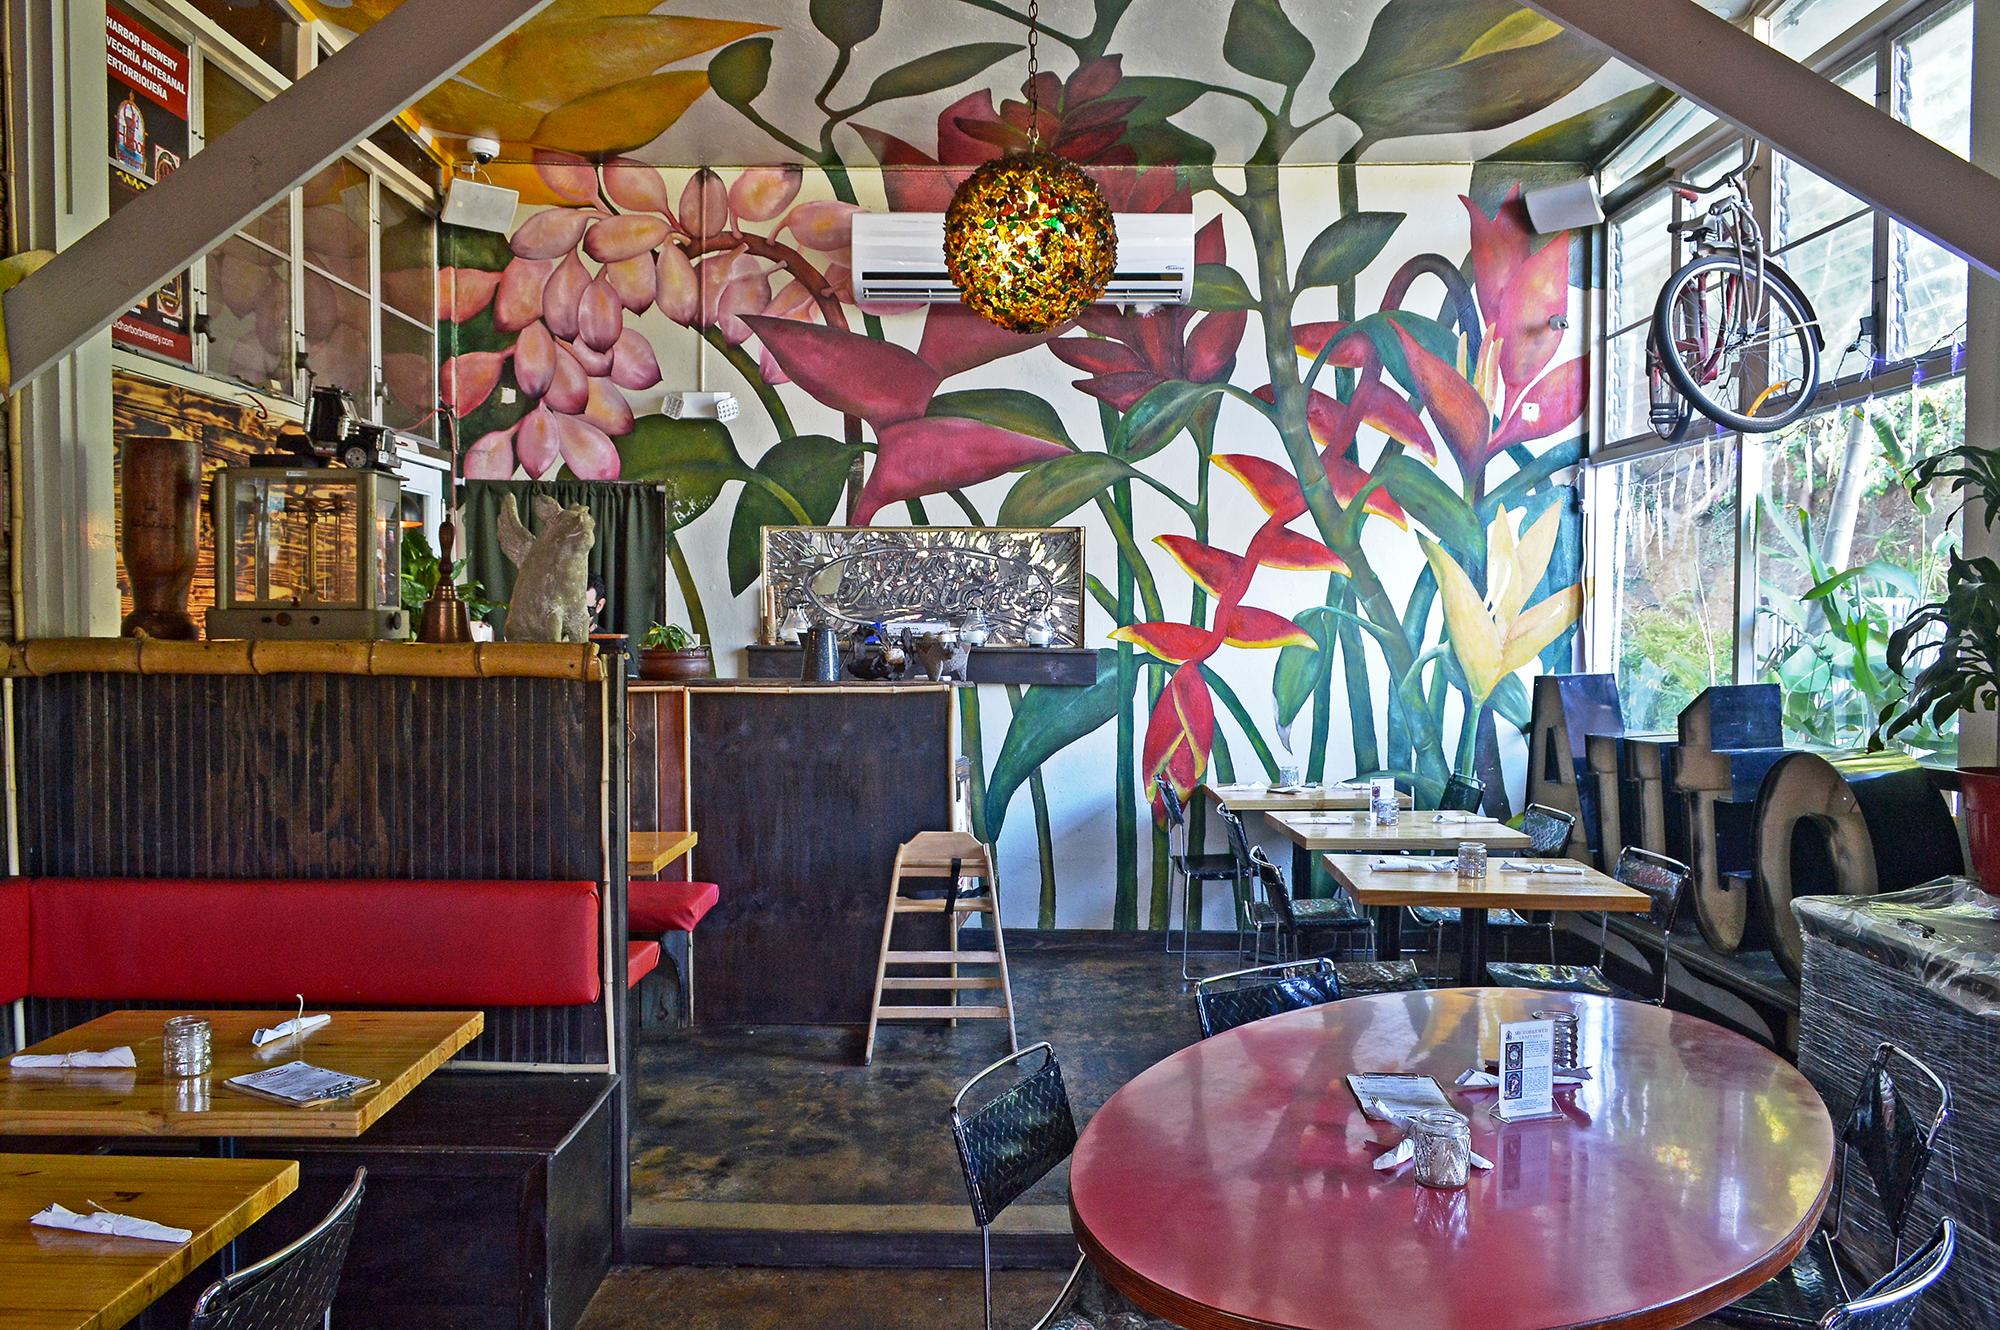 inside dining mural.JPG